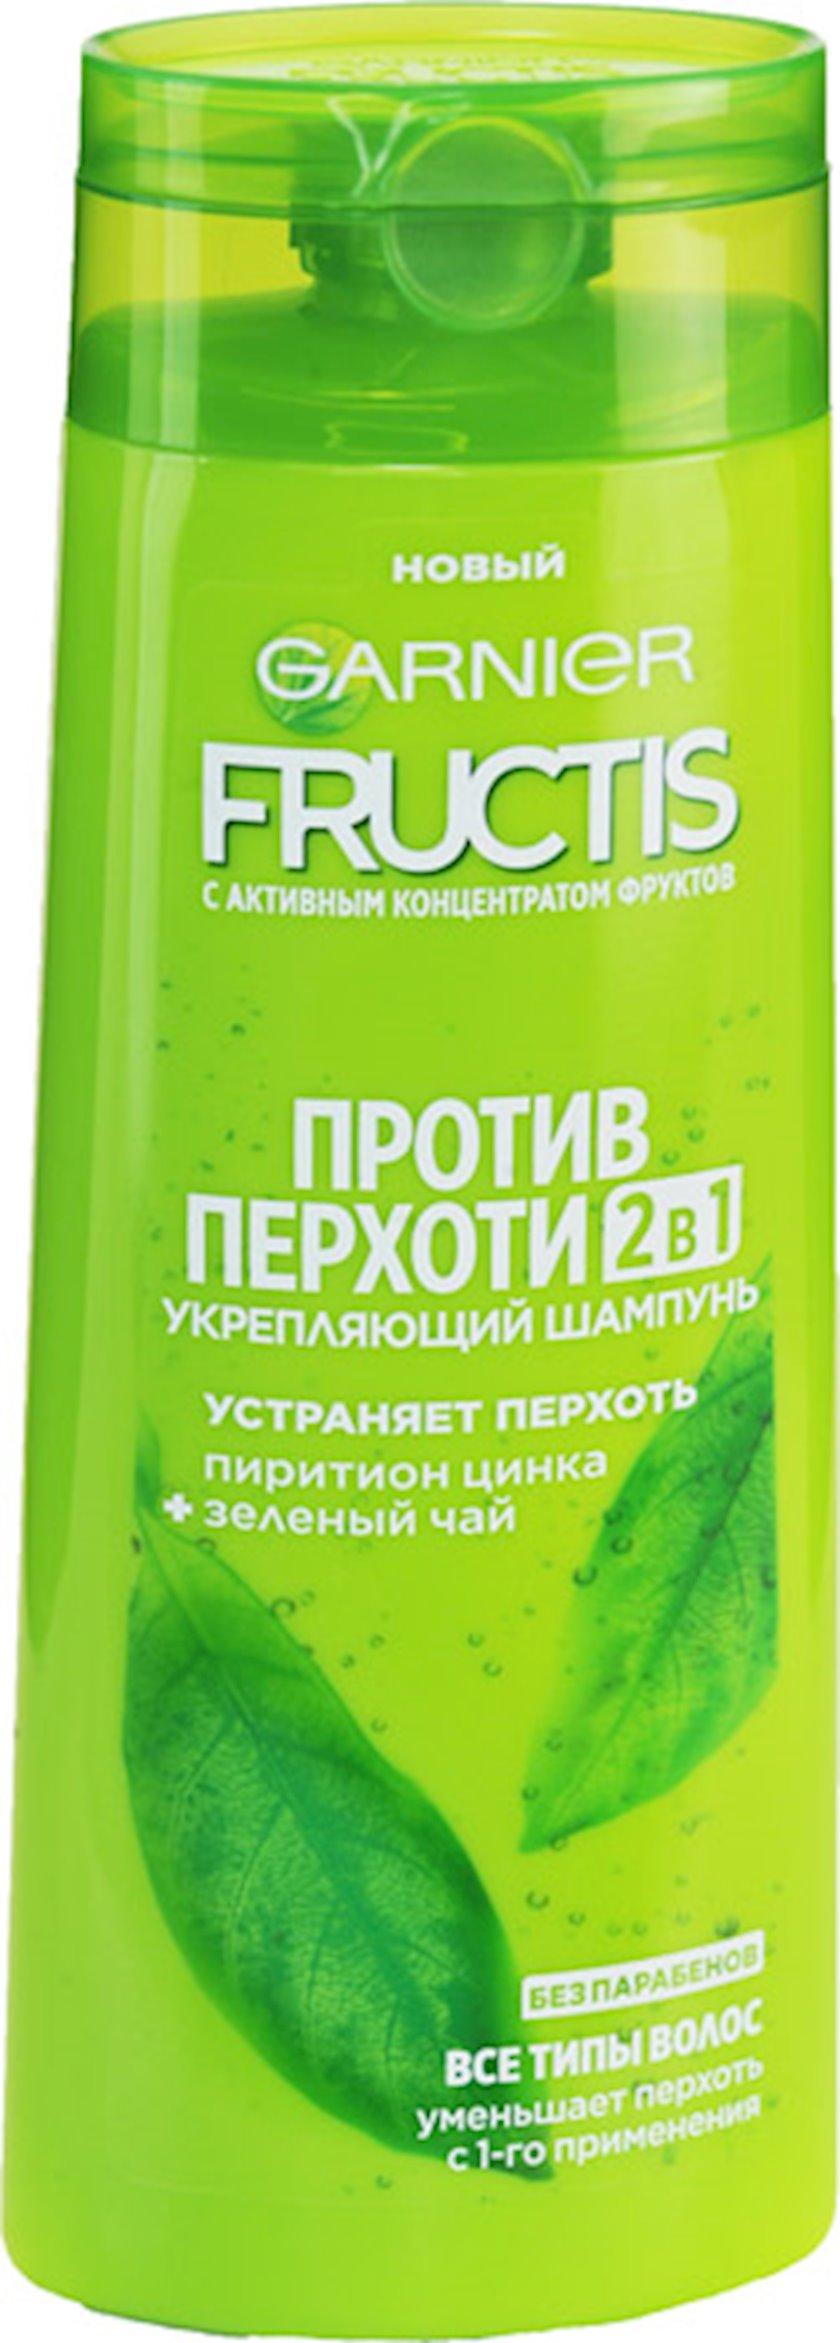 Şampun Garnier Fructis Kəpəyə qarşı, möhkəmləndirici, yaşıl çay və sink piritionu ilə, 250 ml